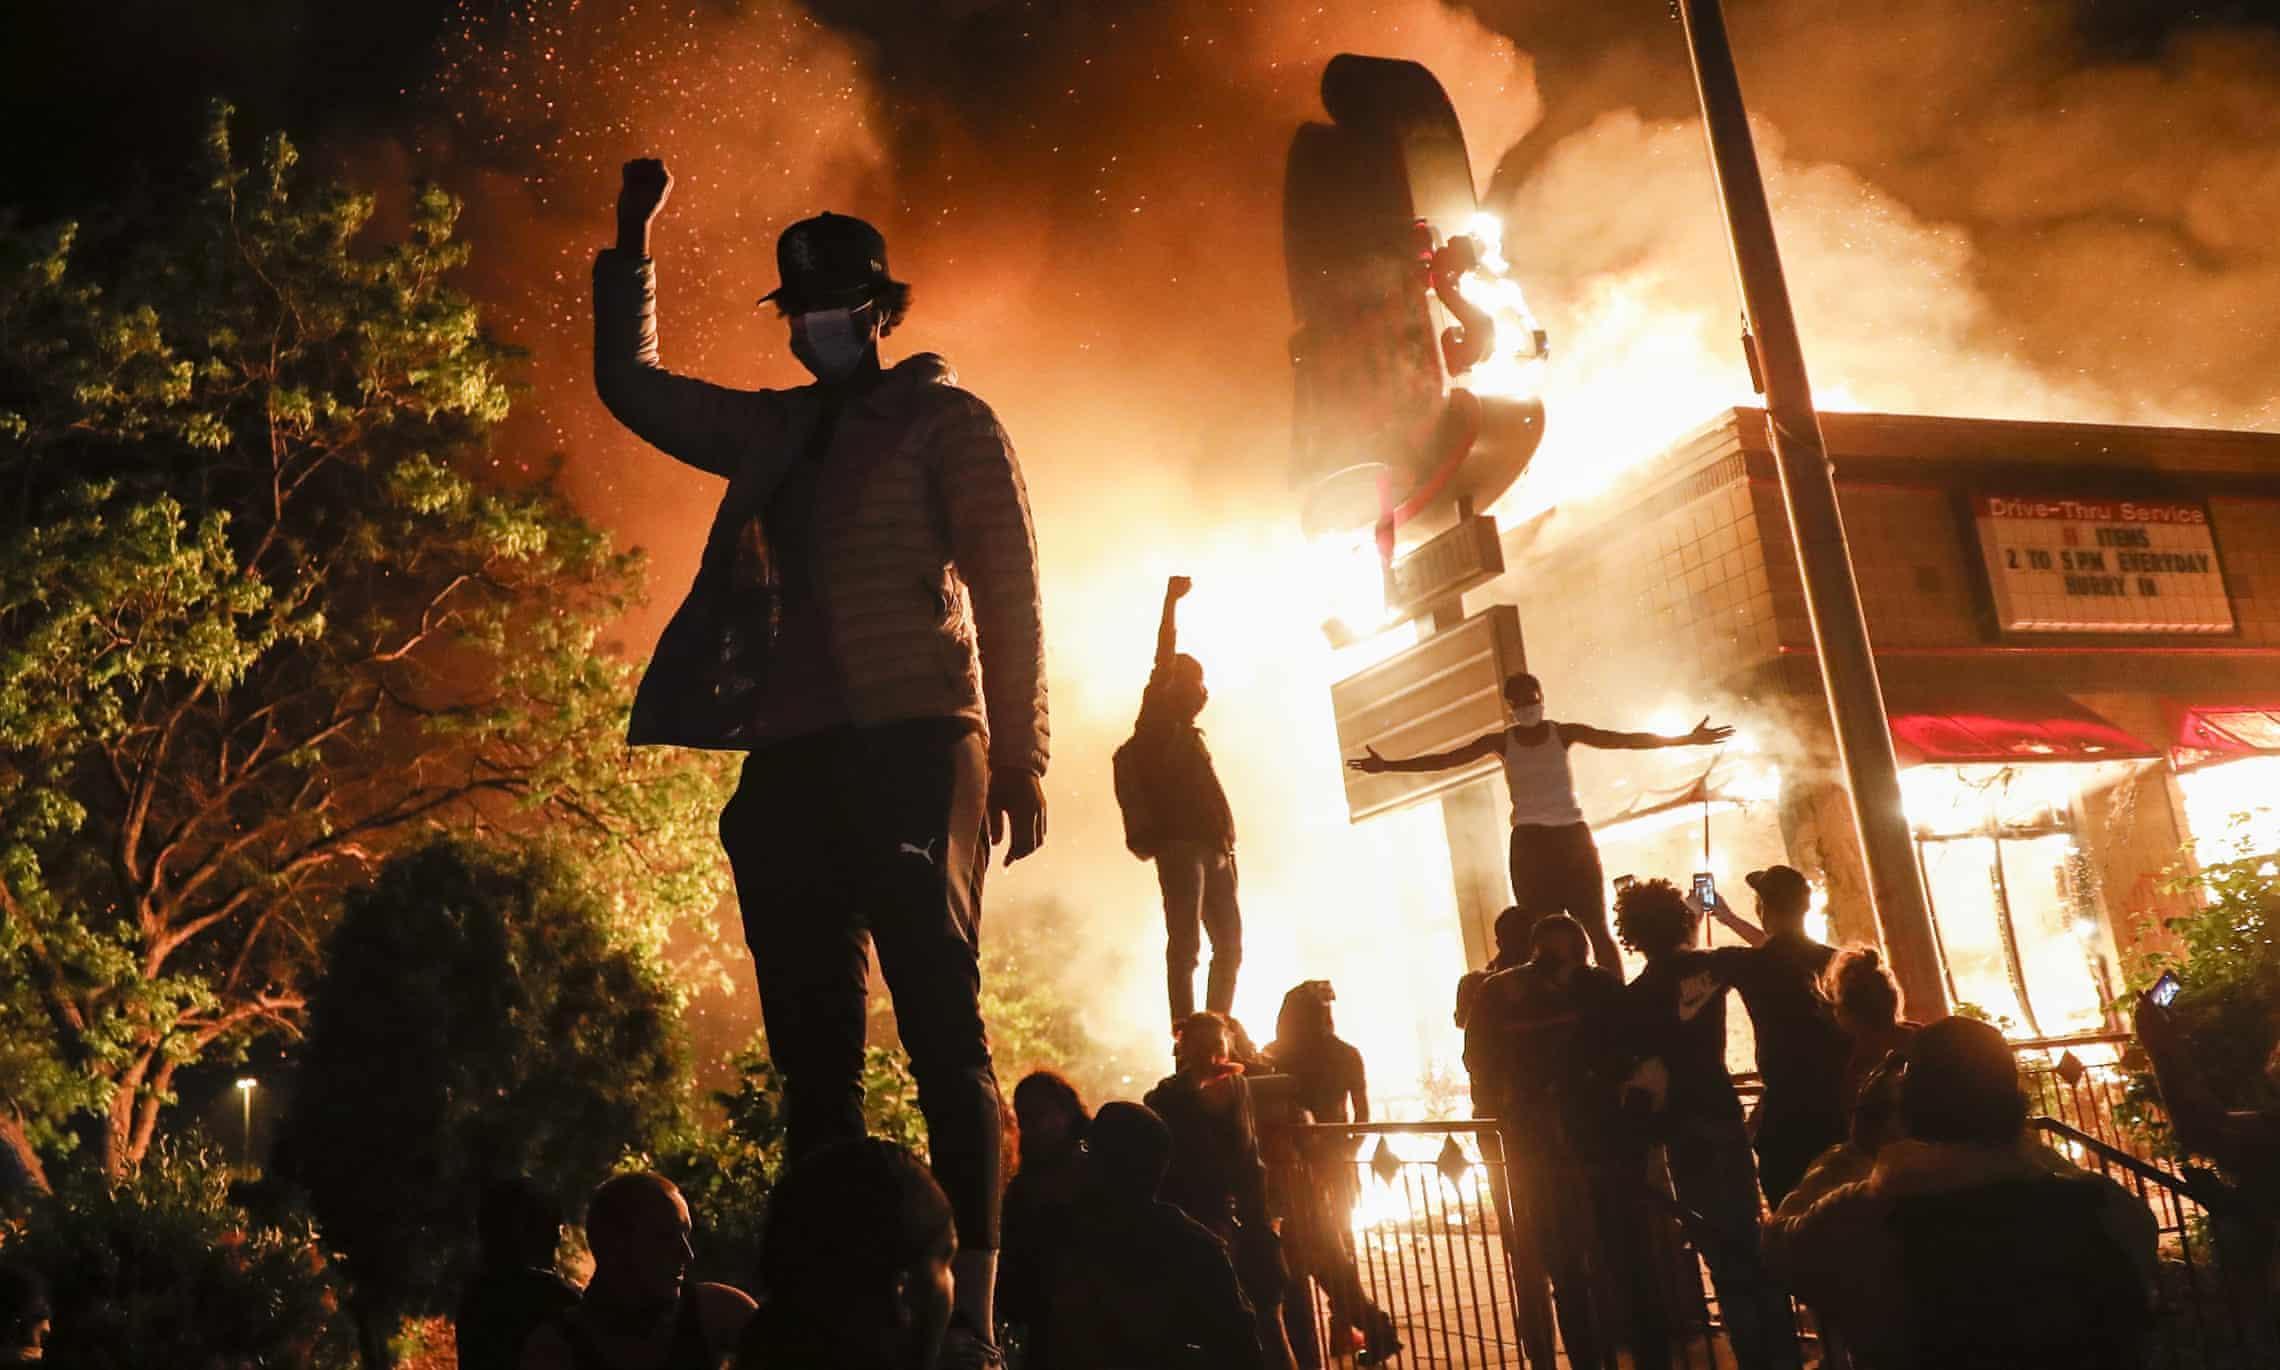 حضور لباسشخصیها در سرکوب تظاهرات مینیاپولیس